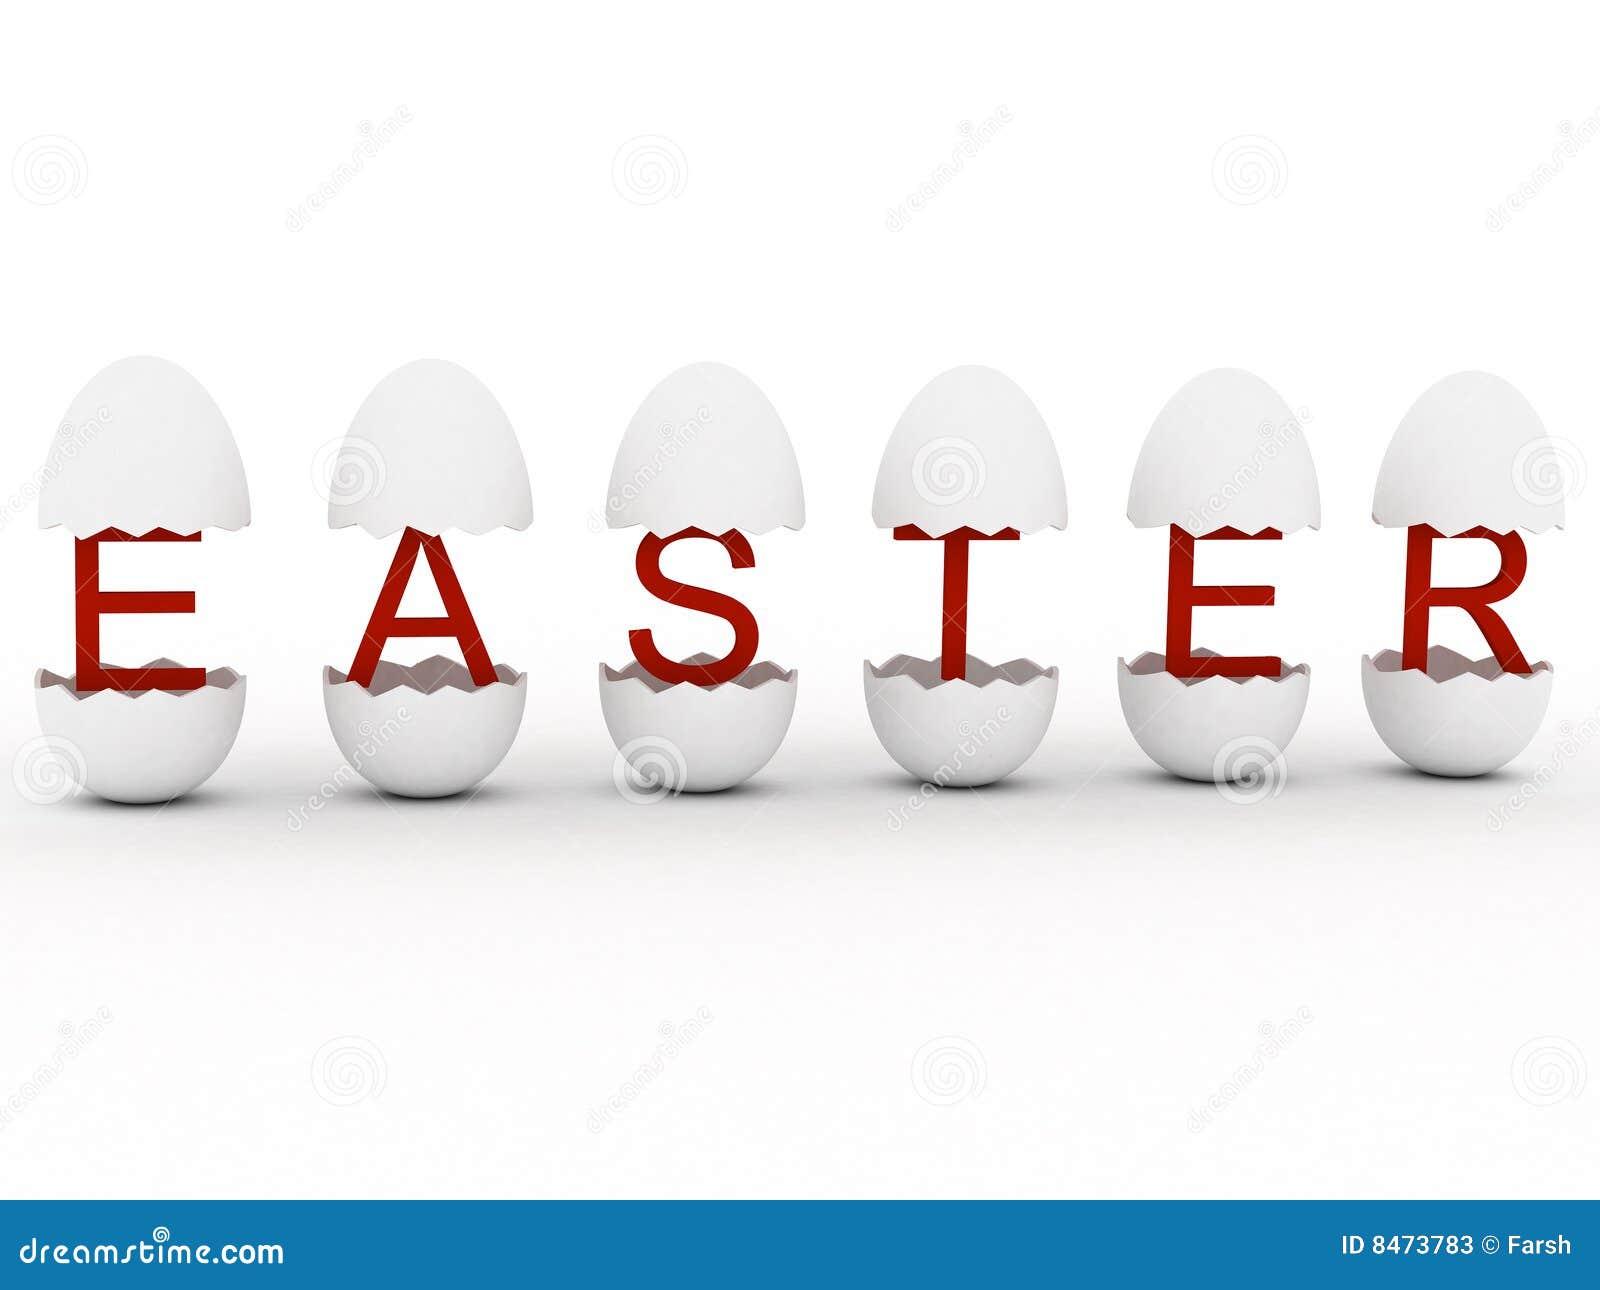 Easter in egg